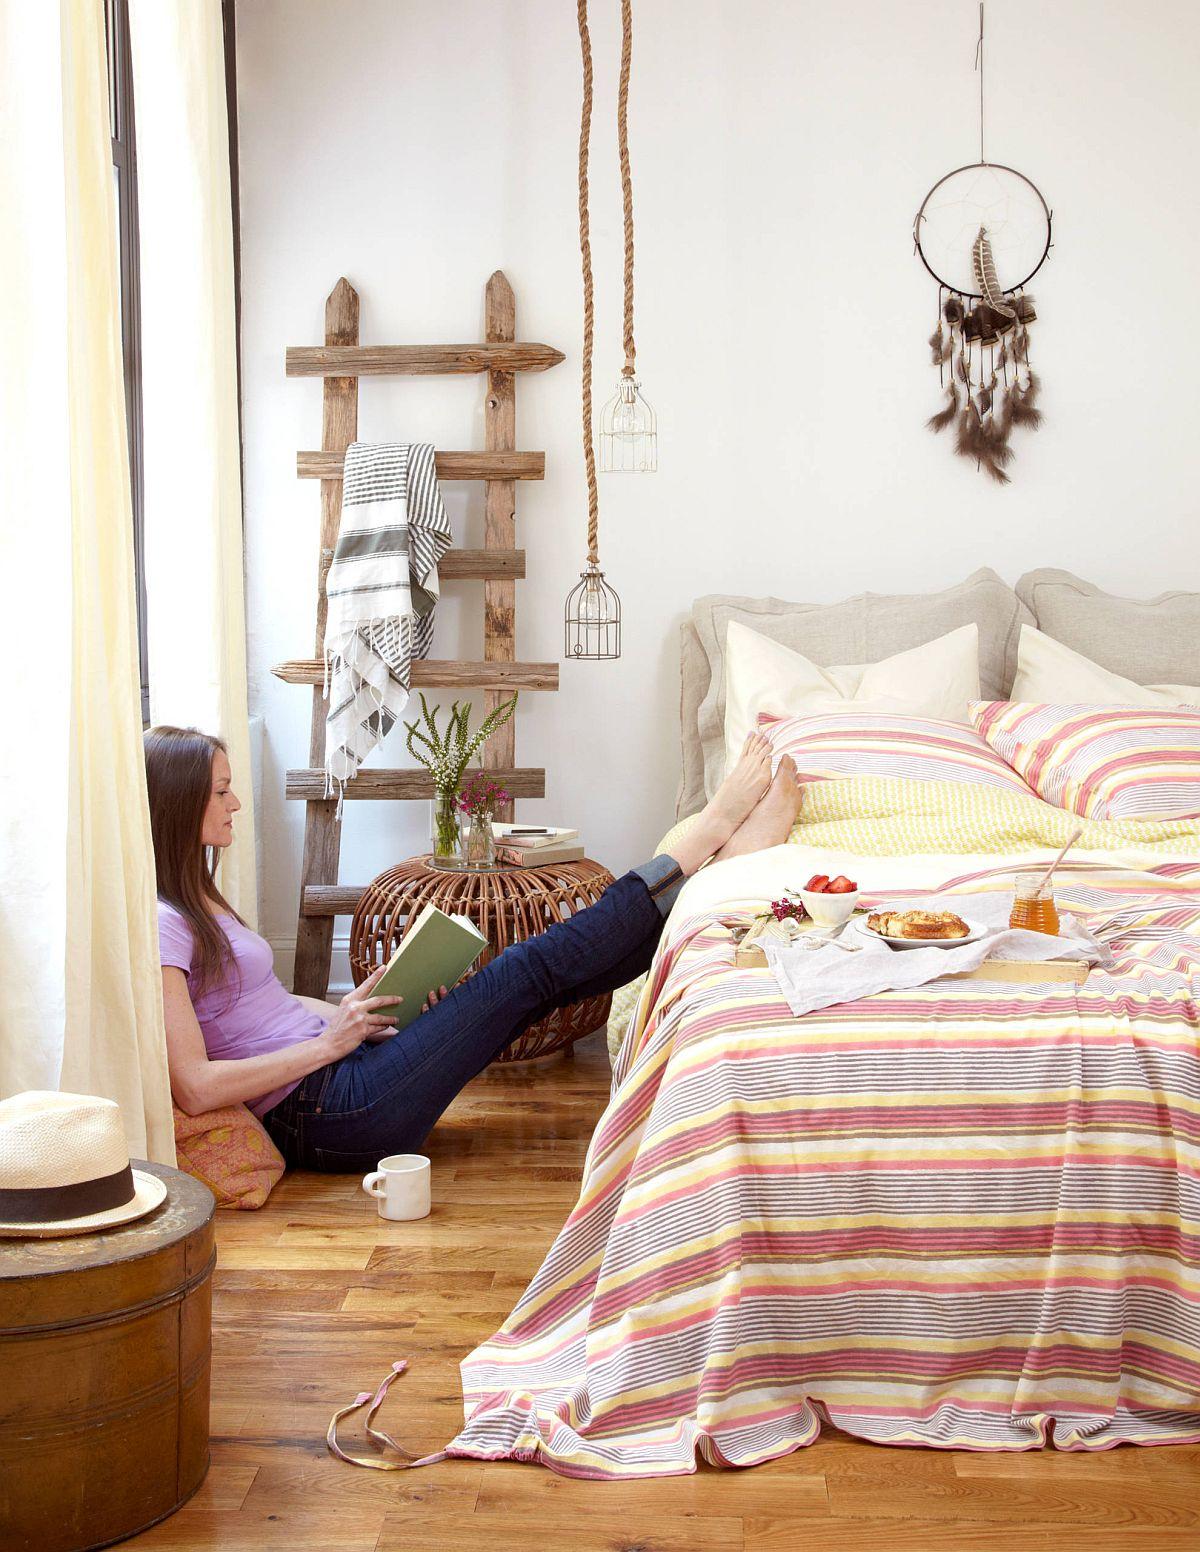 Xu hướng trang trí phòng ngủ sẽ làm mưa làm gió trong năm 2020 chắc chắn bạn không muốn bỏ lỡ - Ảnh 3.